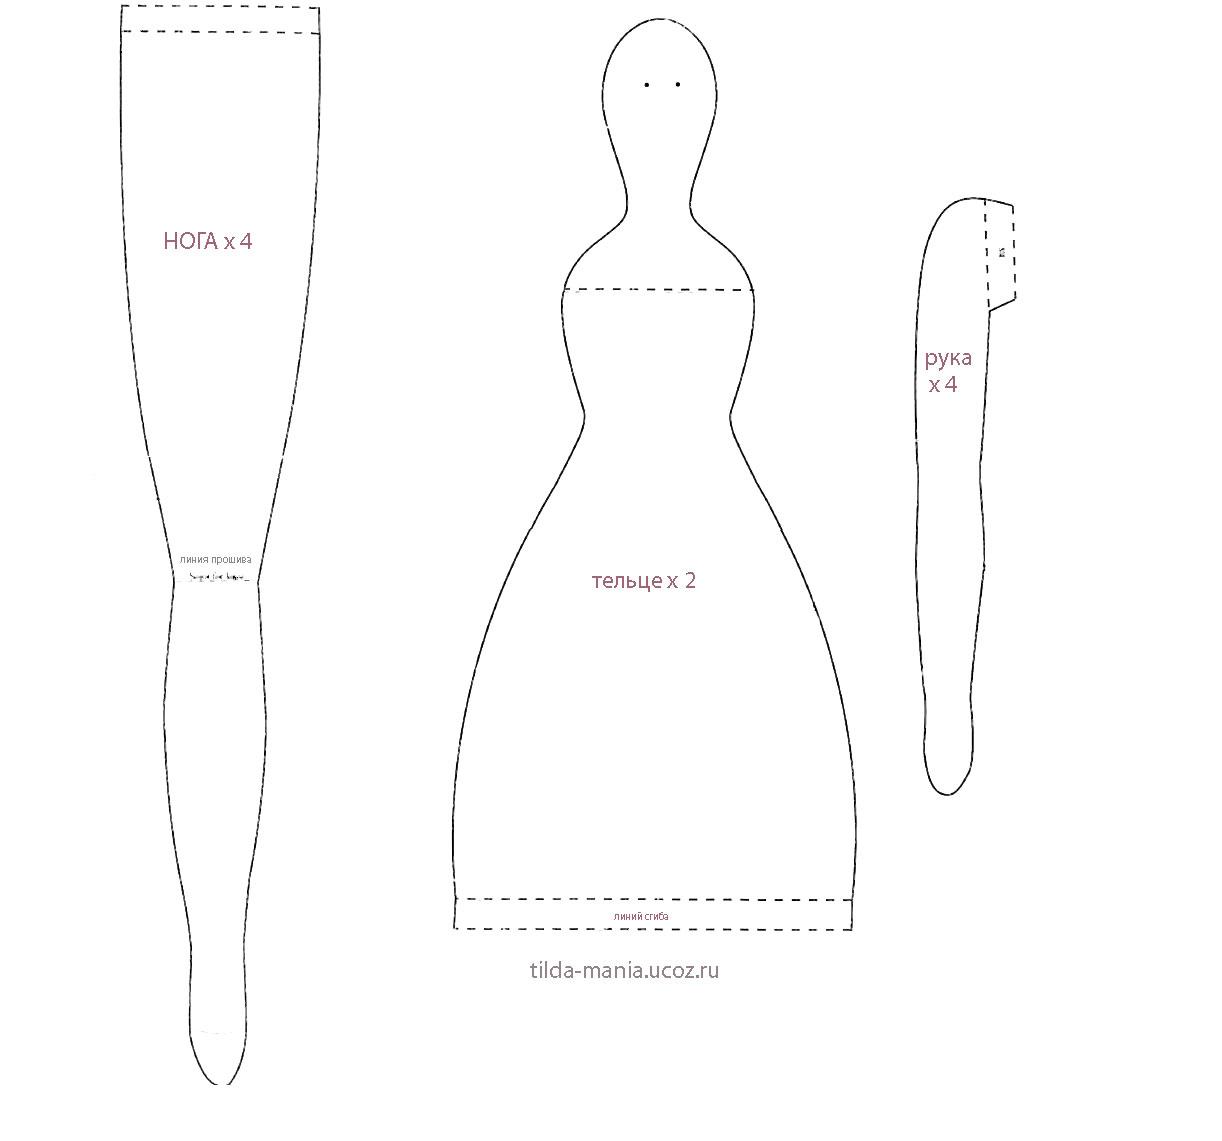 Тильда своими руками для начинающих. история игрушки, материалы и инструменты для создания, пошаговый процесс изготовления. шитье тильды: секреты мастерства